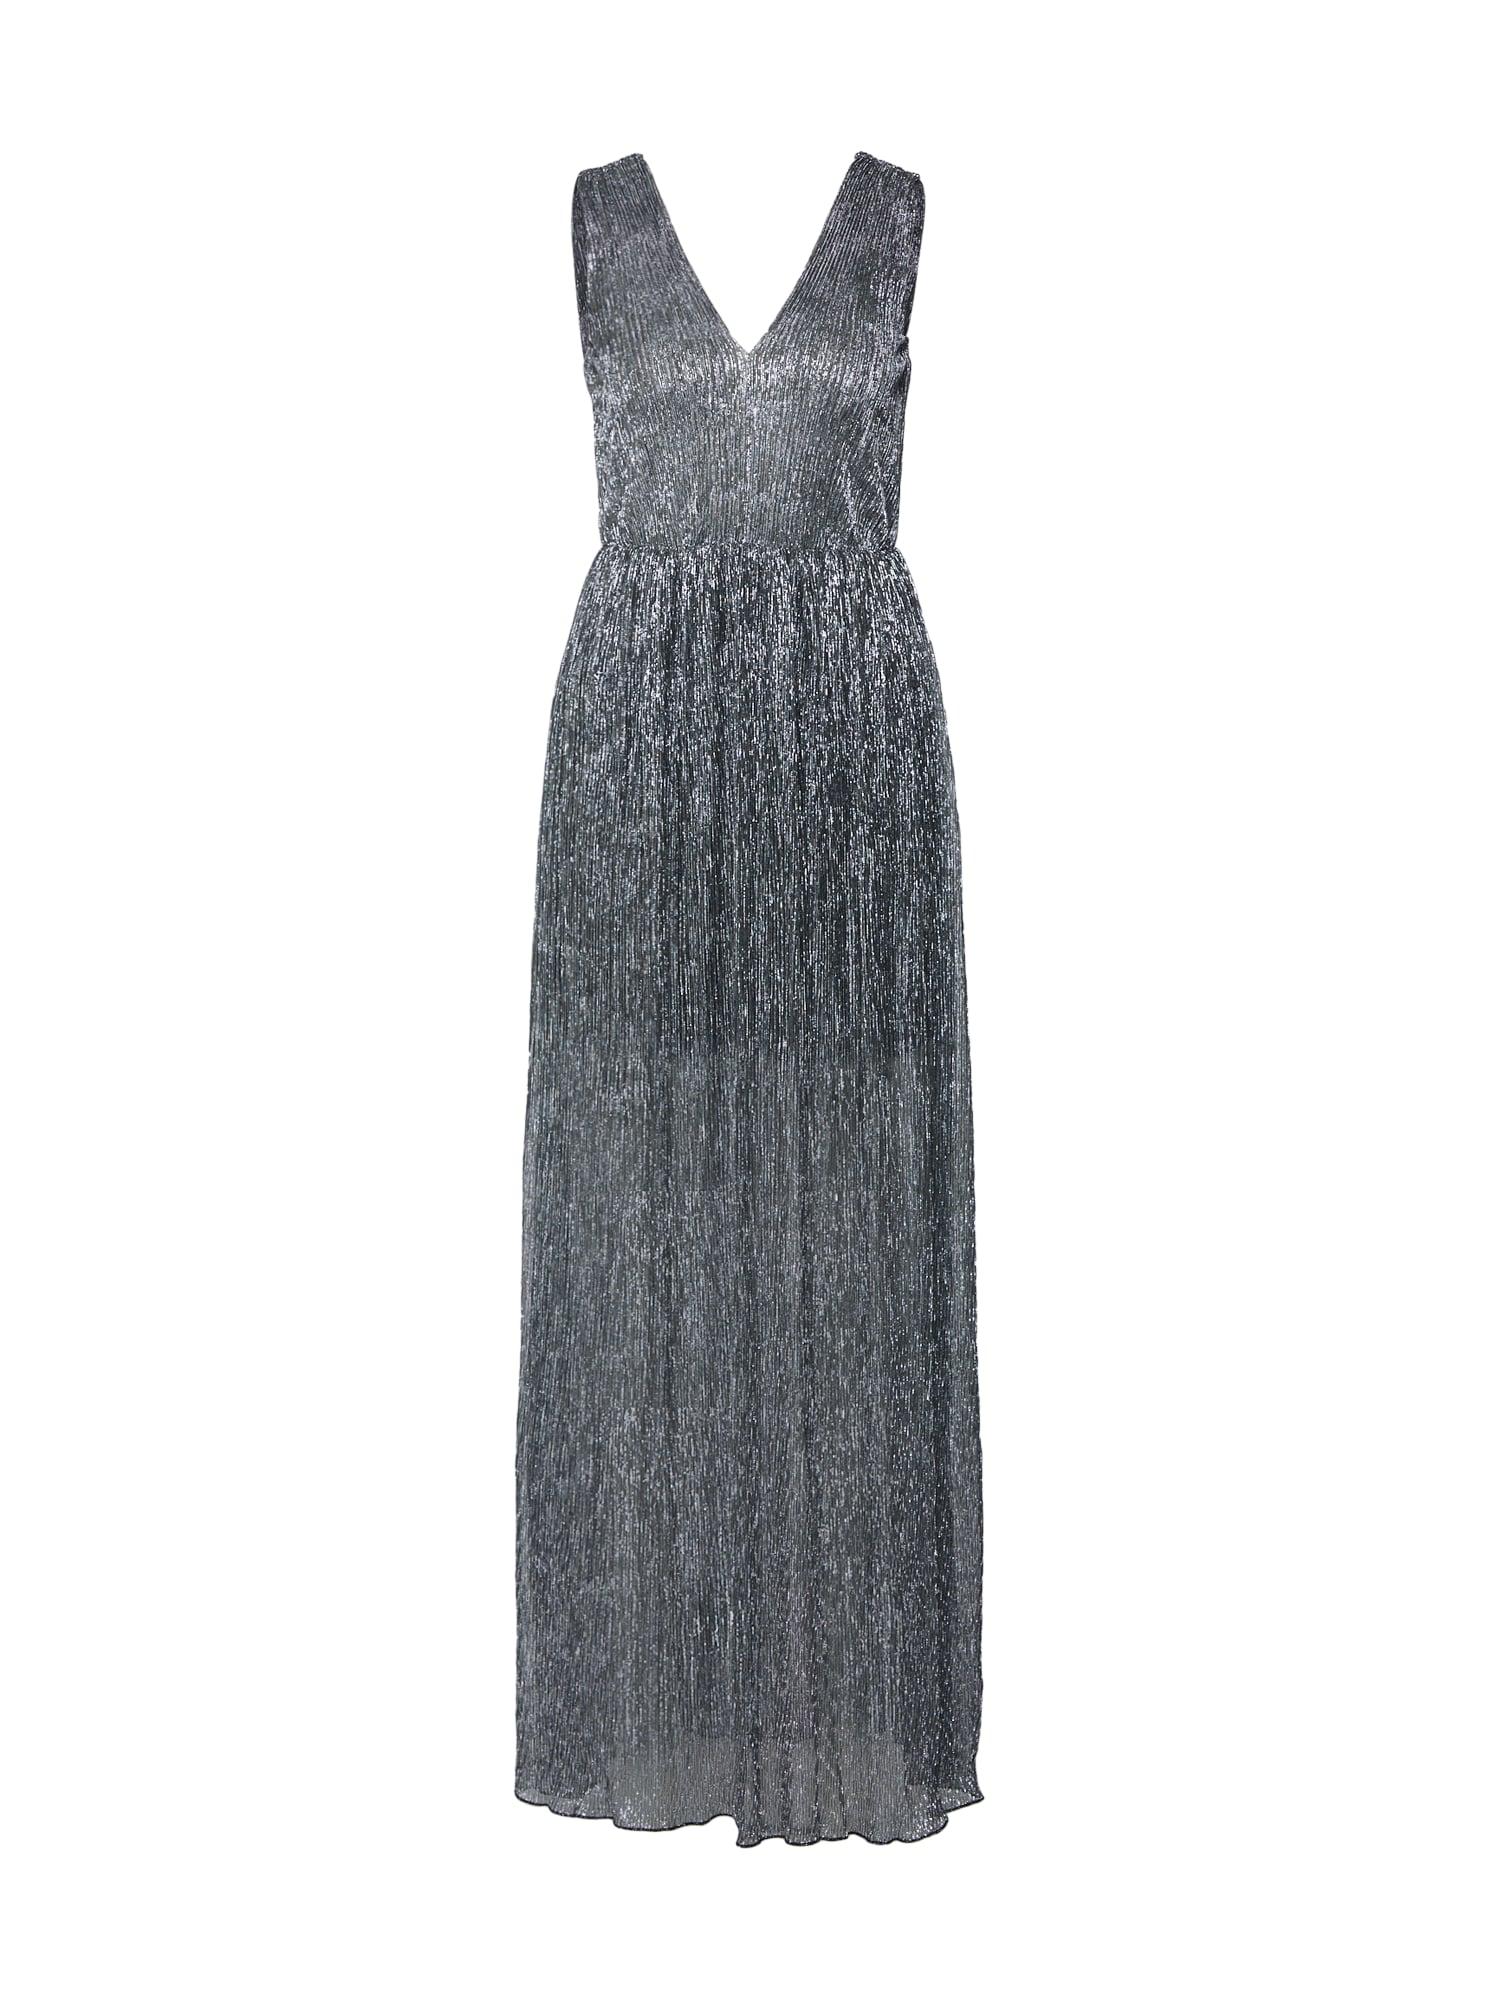 Společenské šaty Vestido Largo Dorado stříbrná Carolina Cavour